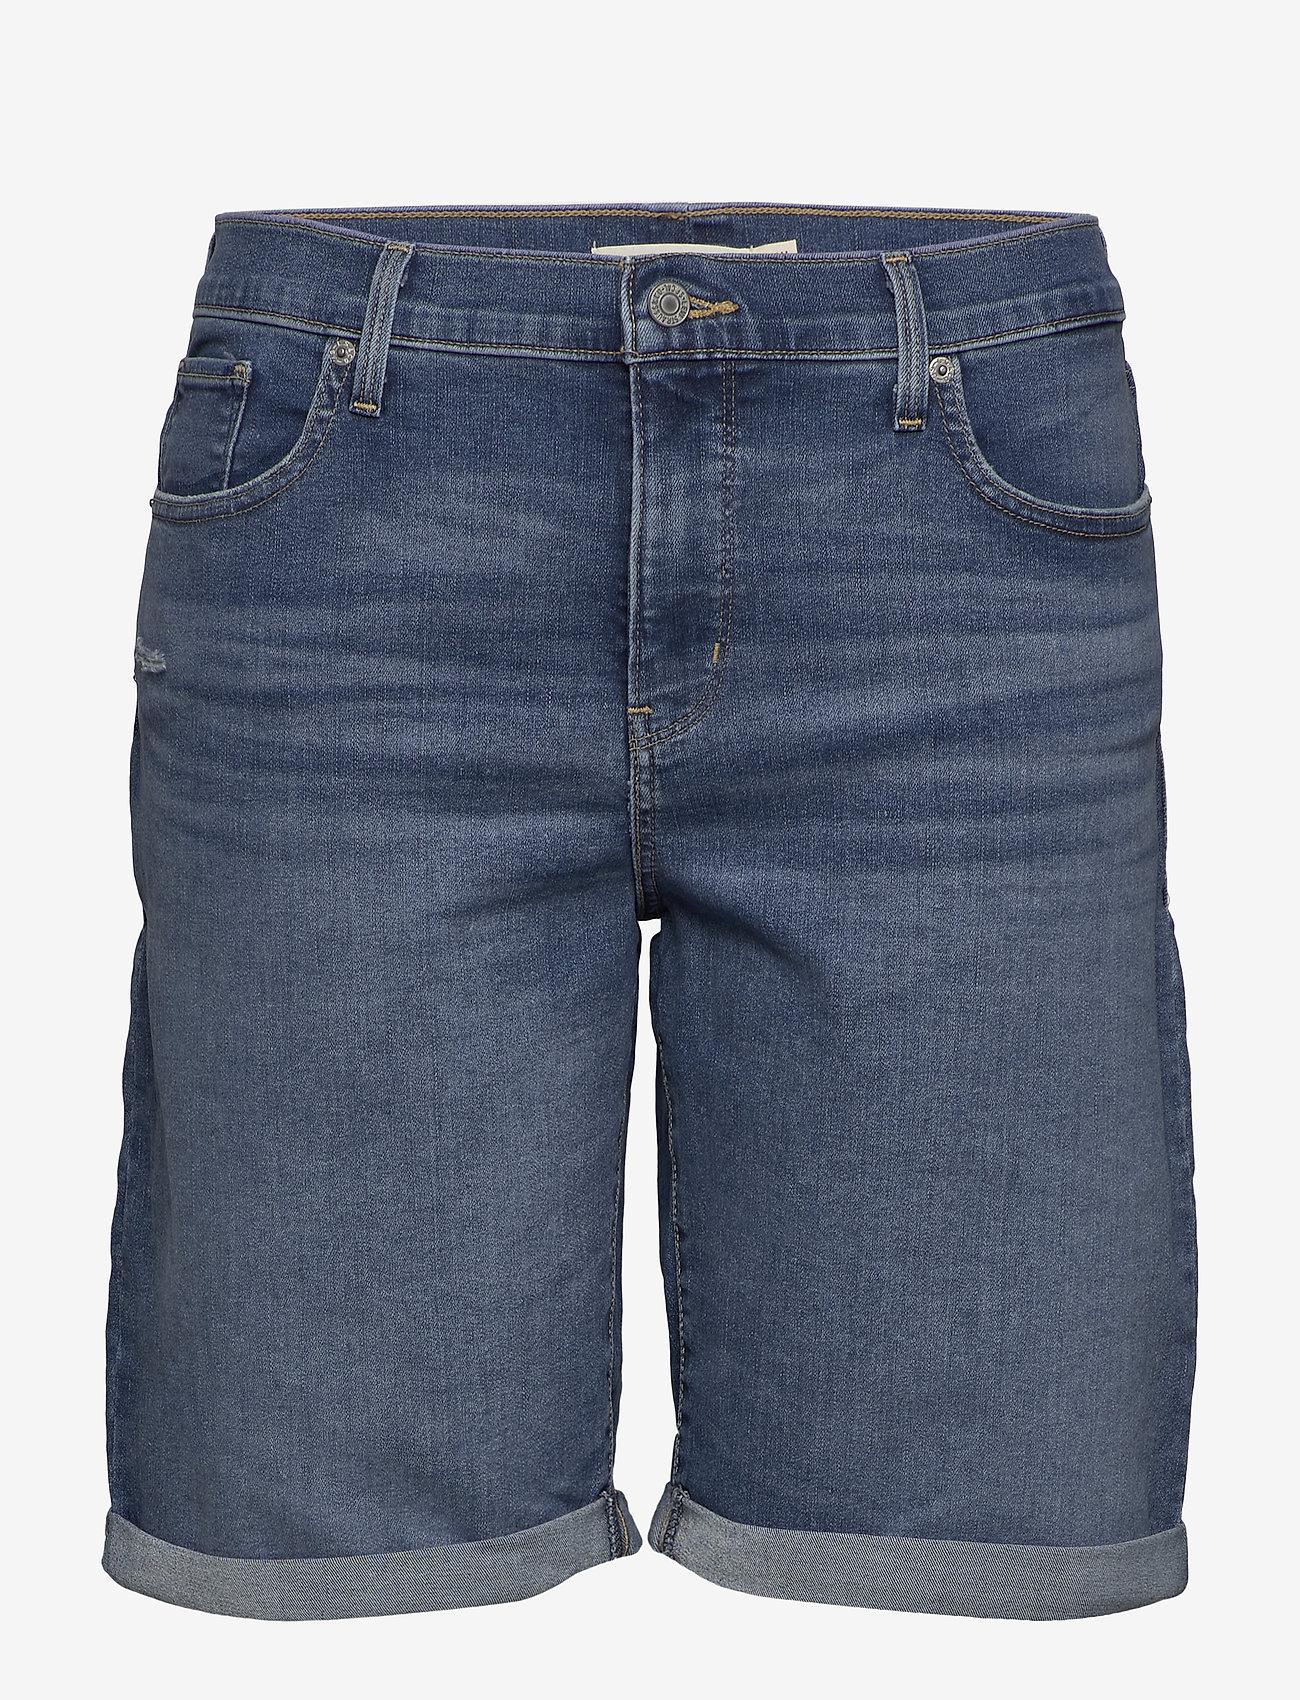 Levi's Plus Size - PL SHAPING BERMUDA PARIS RAIN - med indigo - worn in - 0